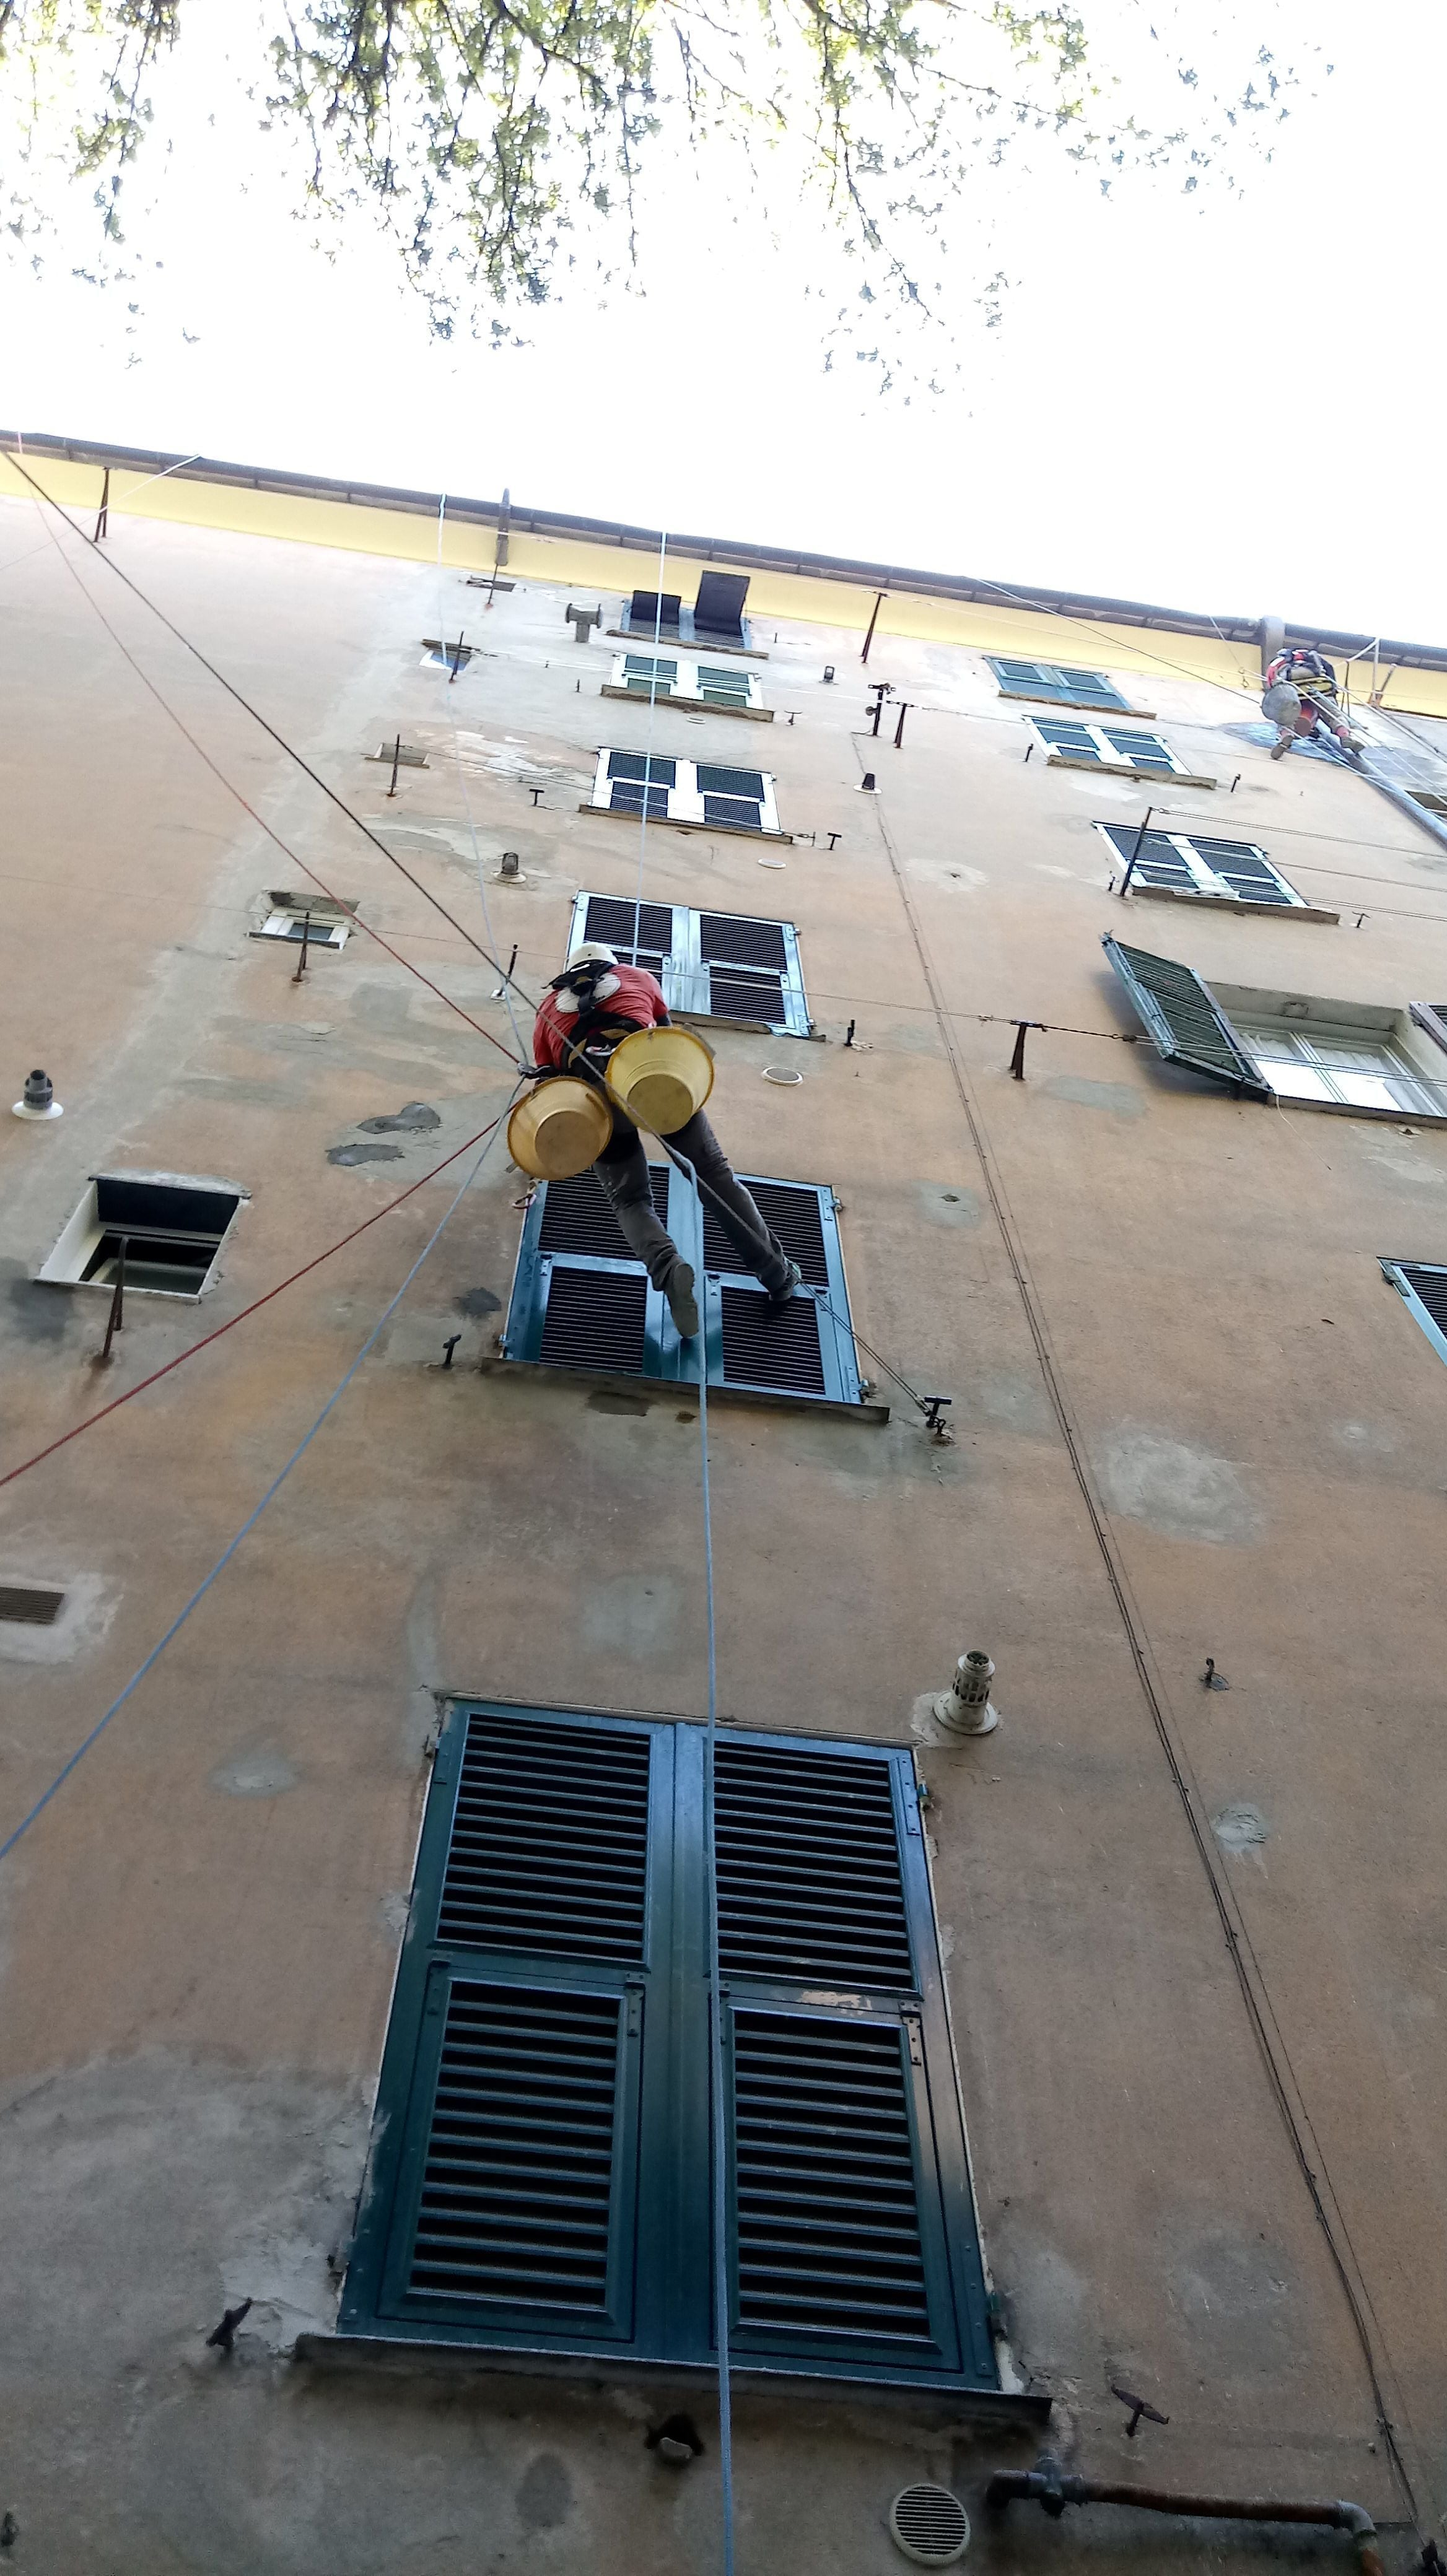 Vendita Porte A Genova i migliori 30 costruttori porte su misura a genova (con